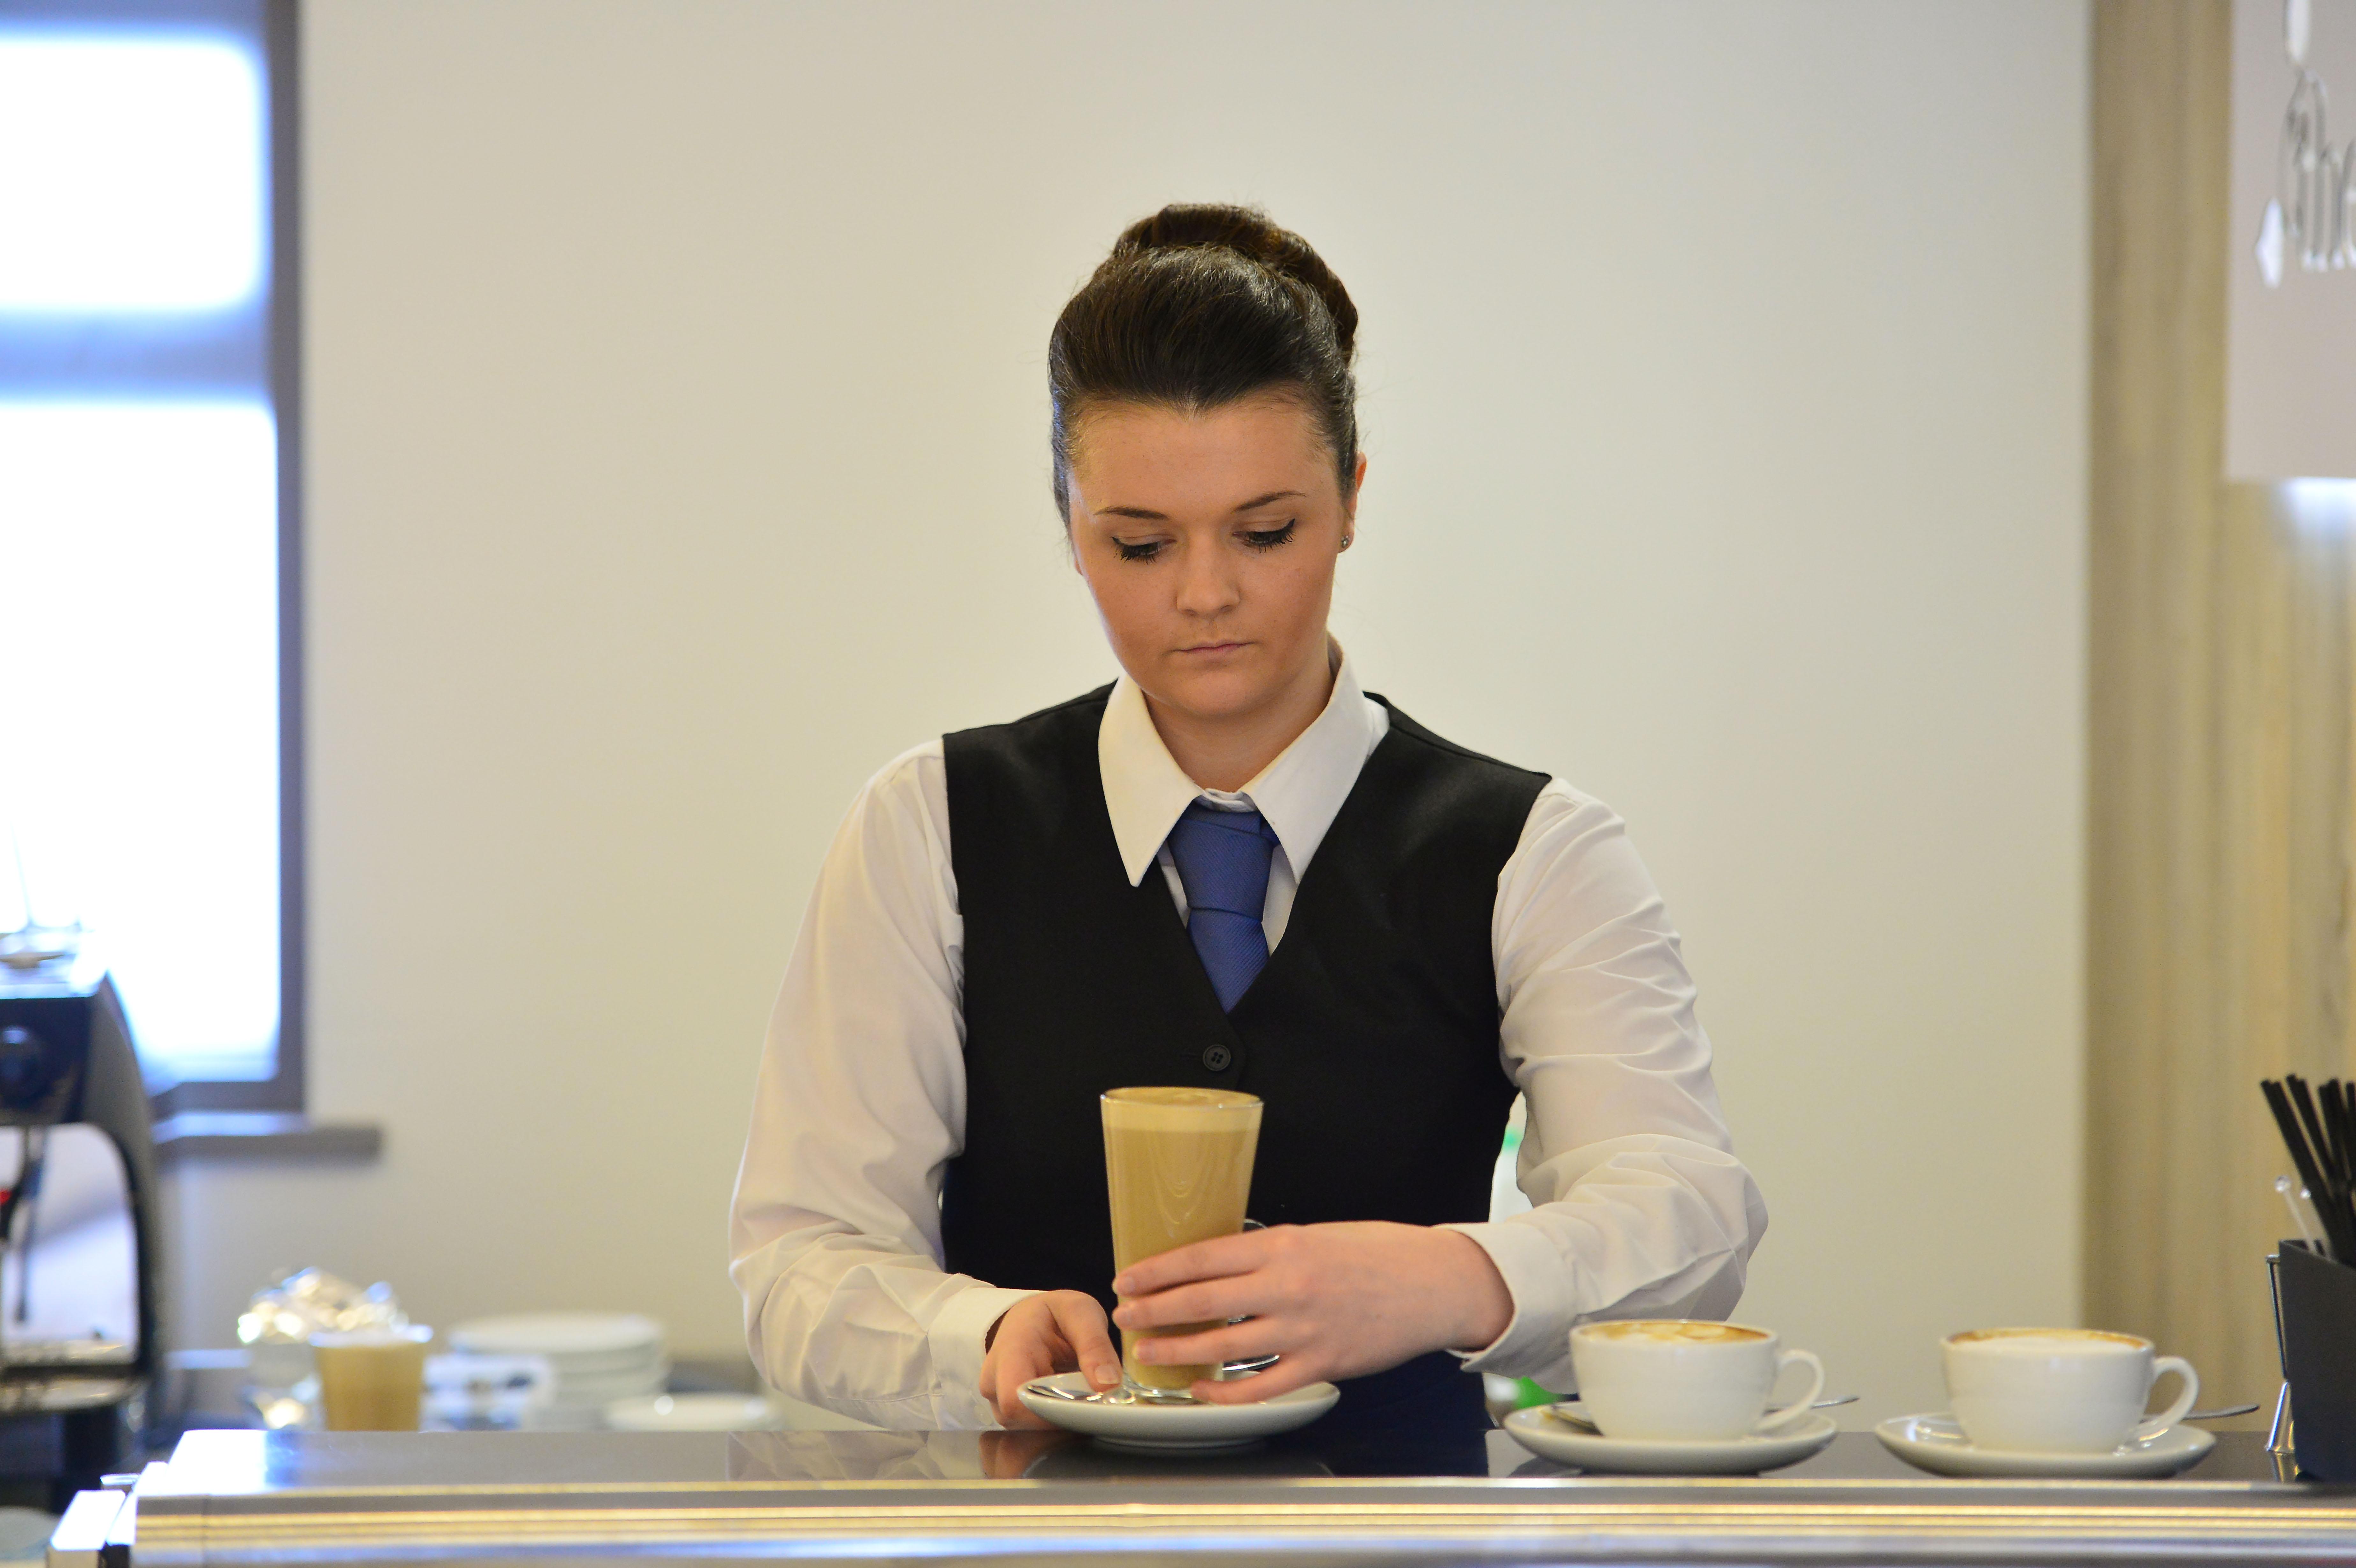 Lucy Jones — restaurant service